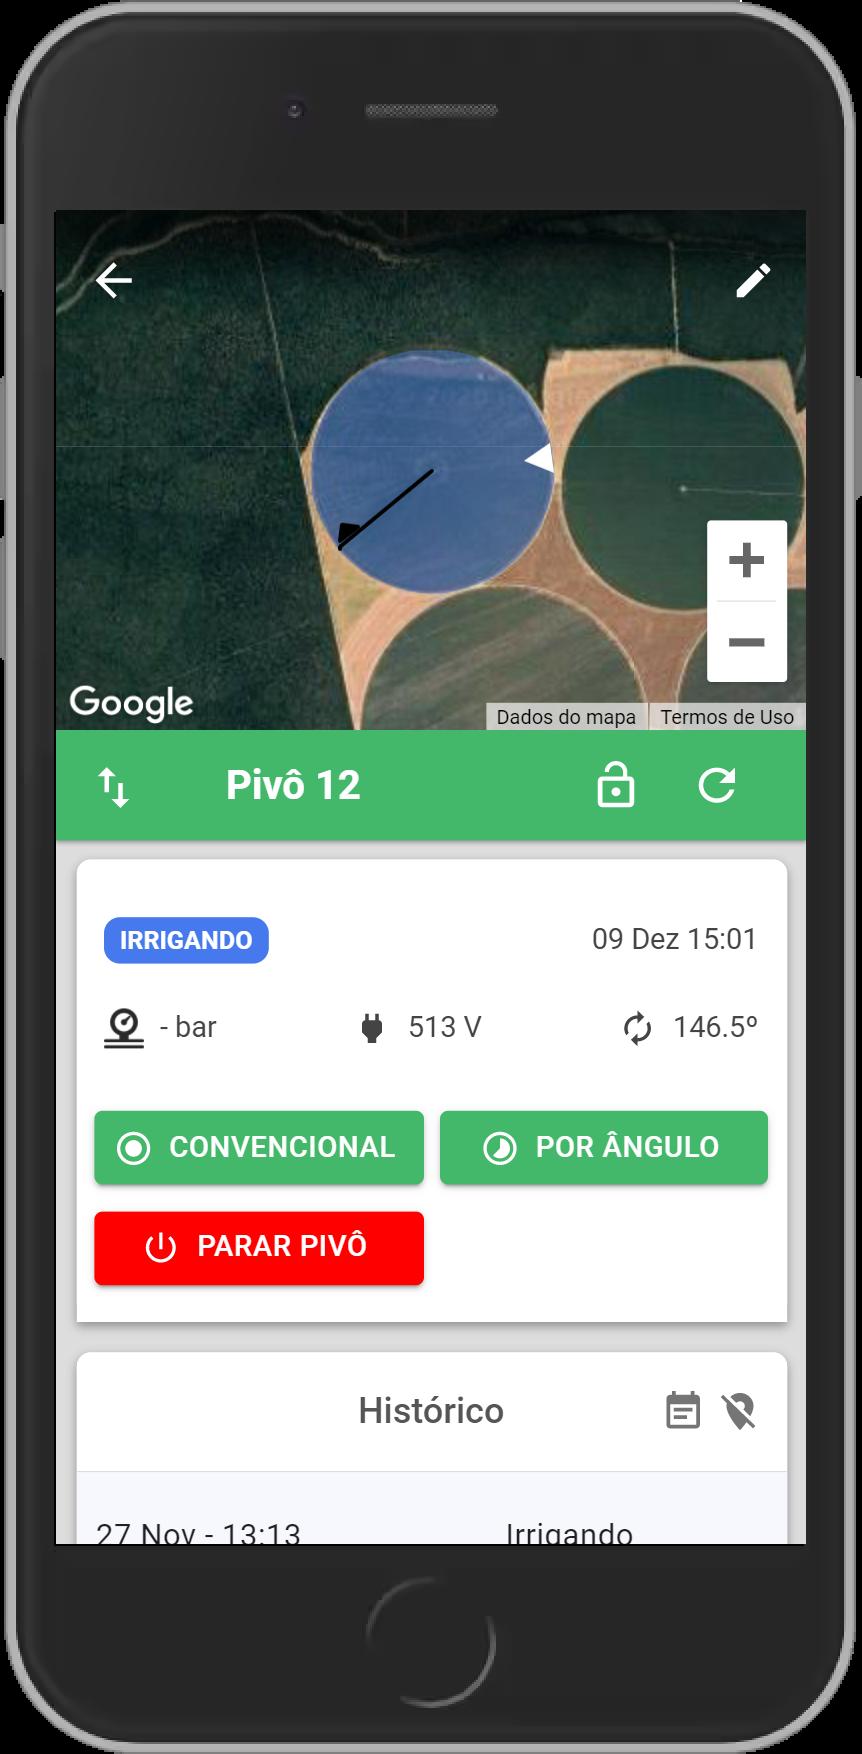 Tela de um smartphone exibindo a página de ativação remota do pivô.